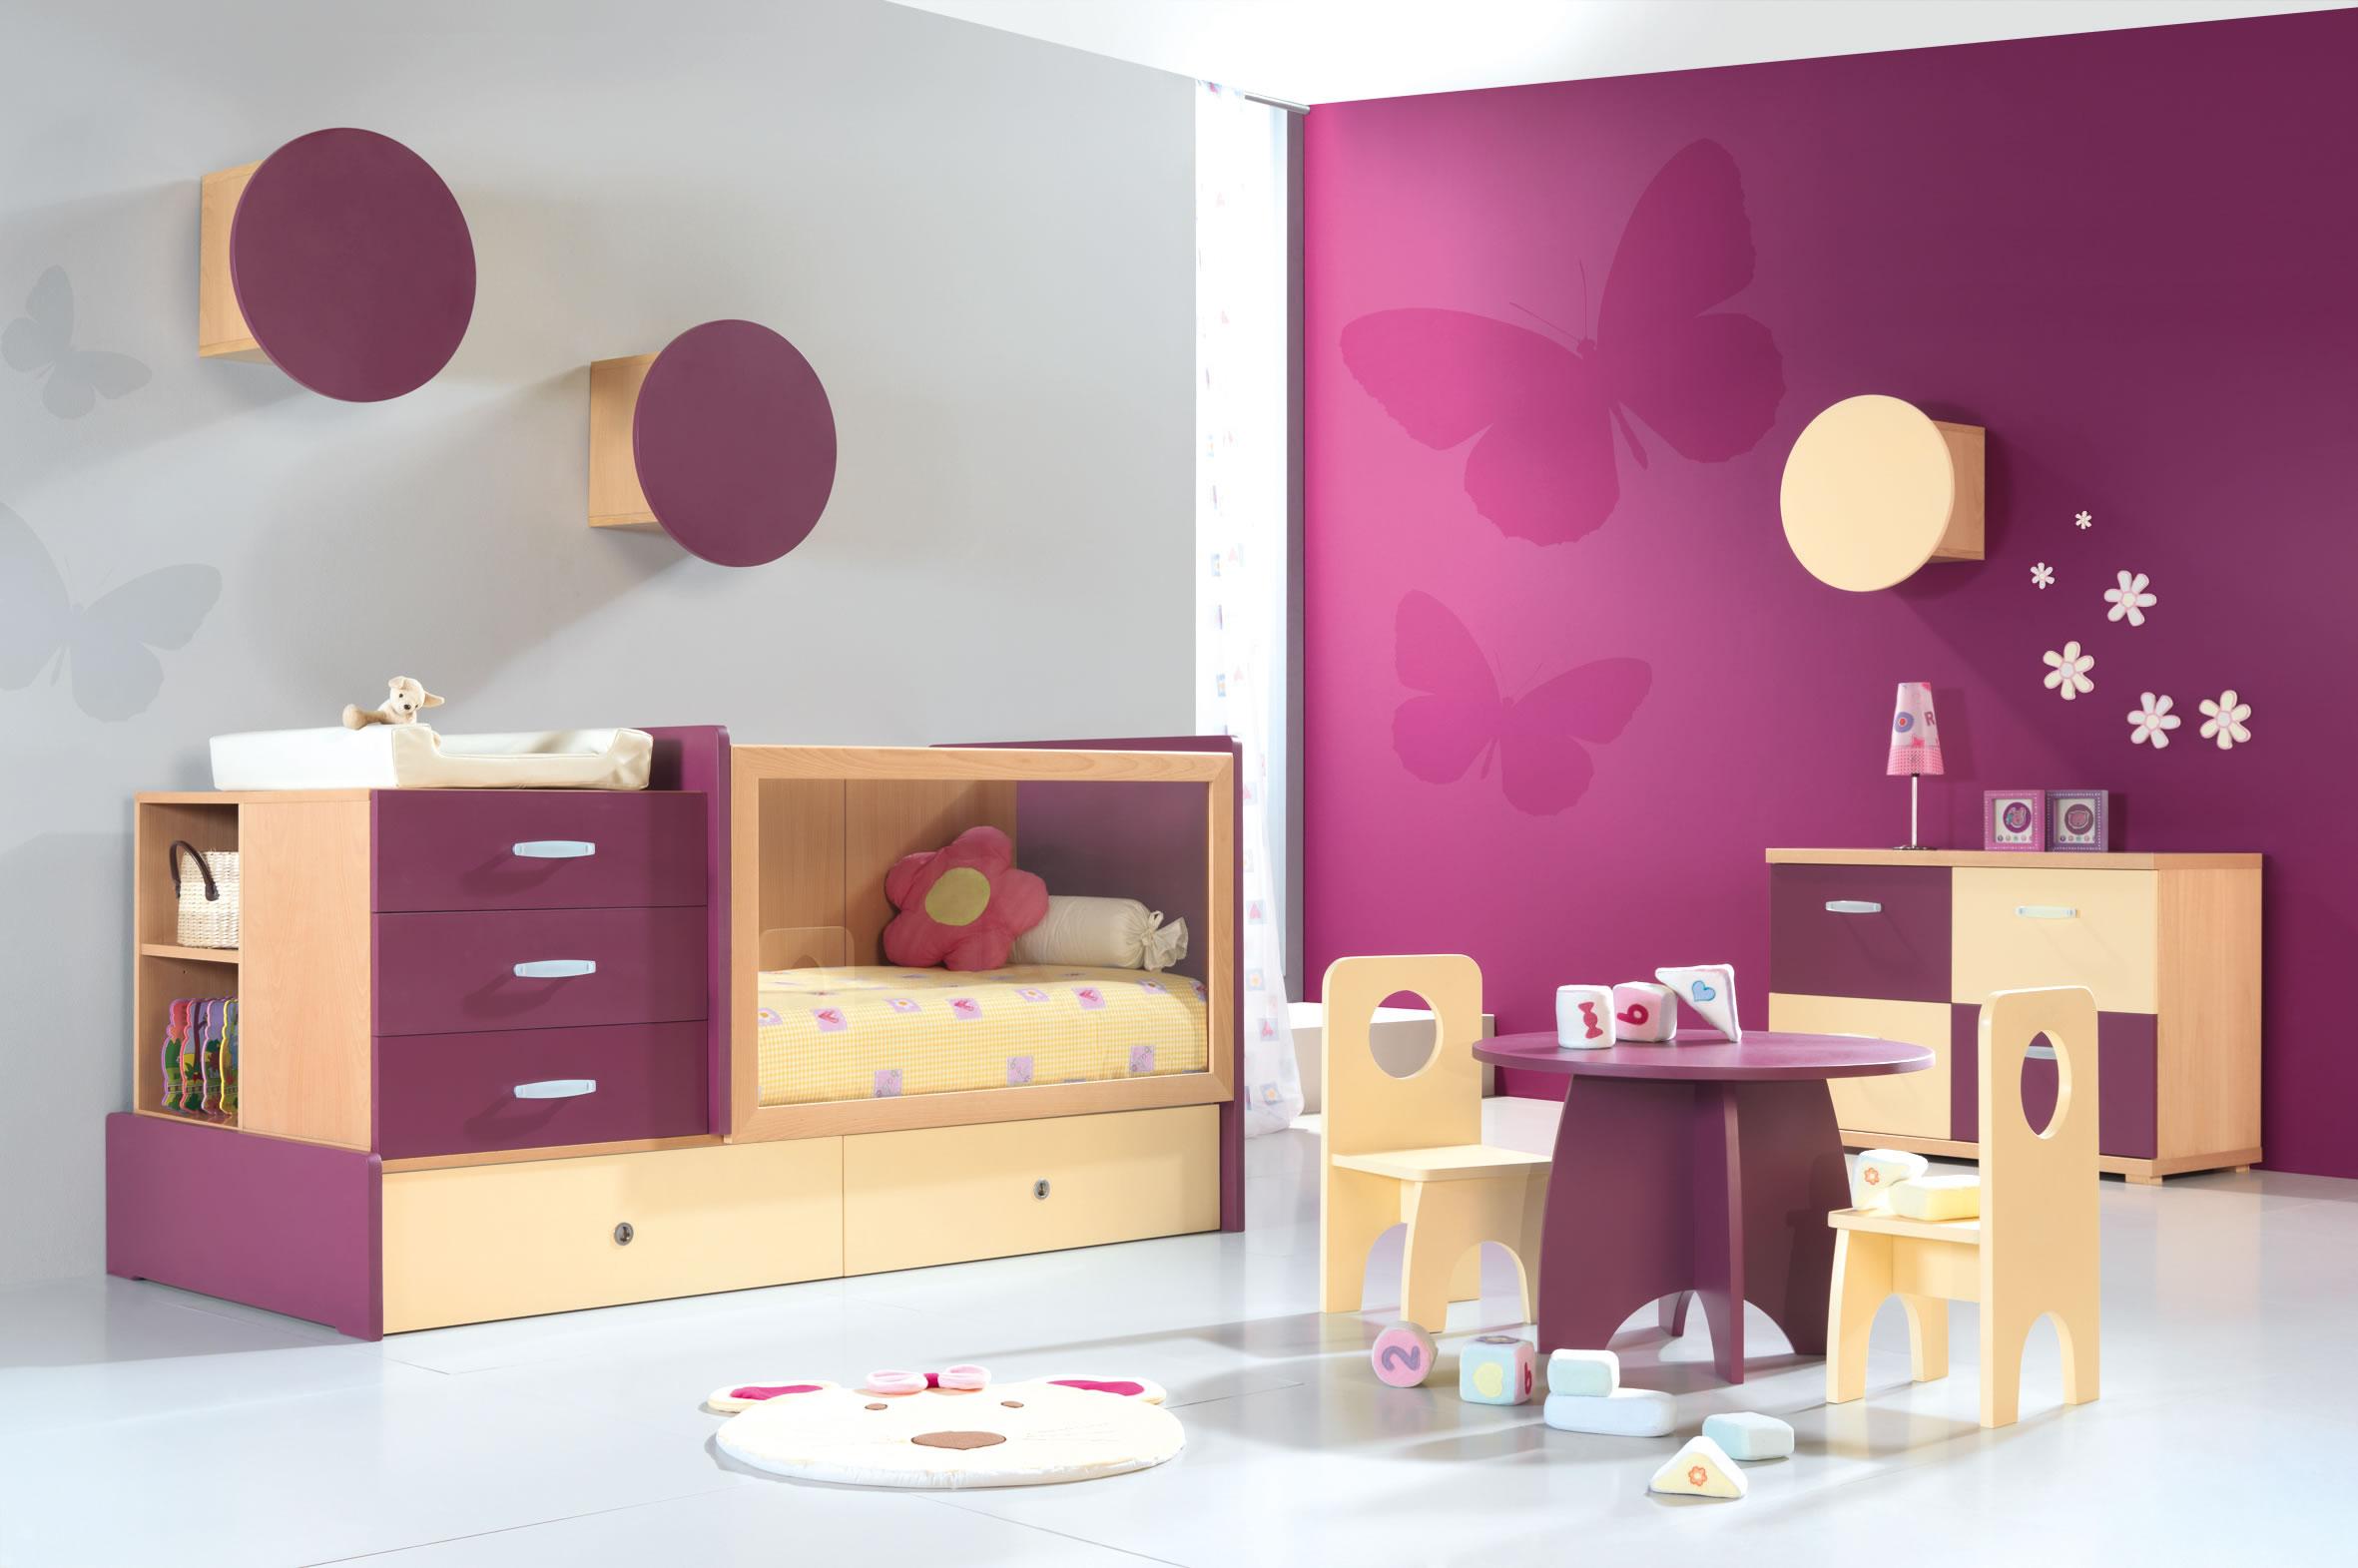 Chambre bébé couleur flashy - Idées de tricot gratuit